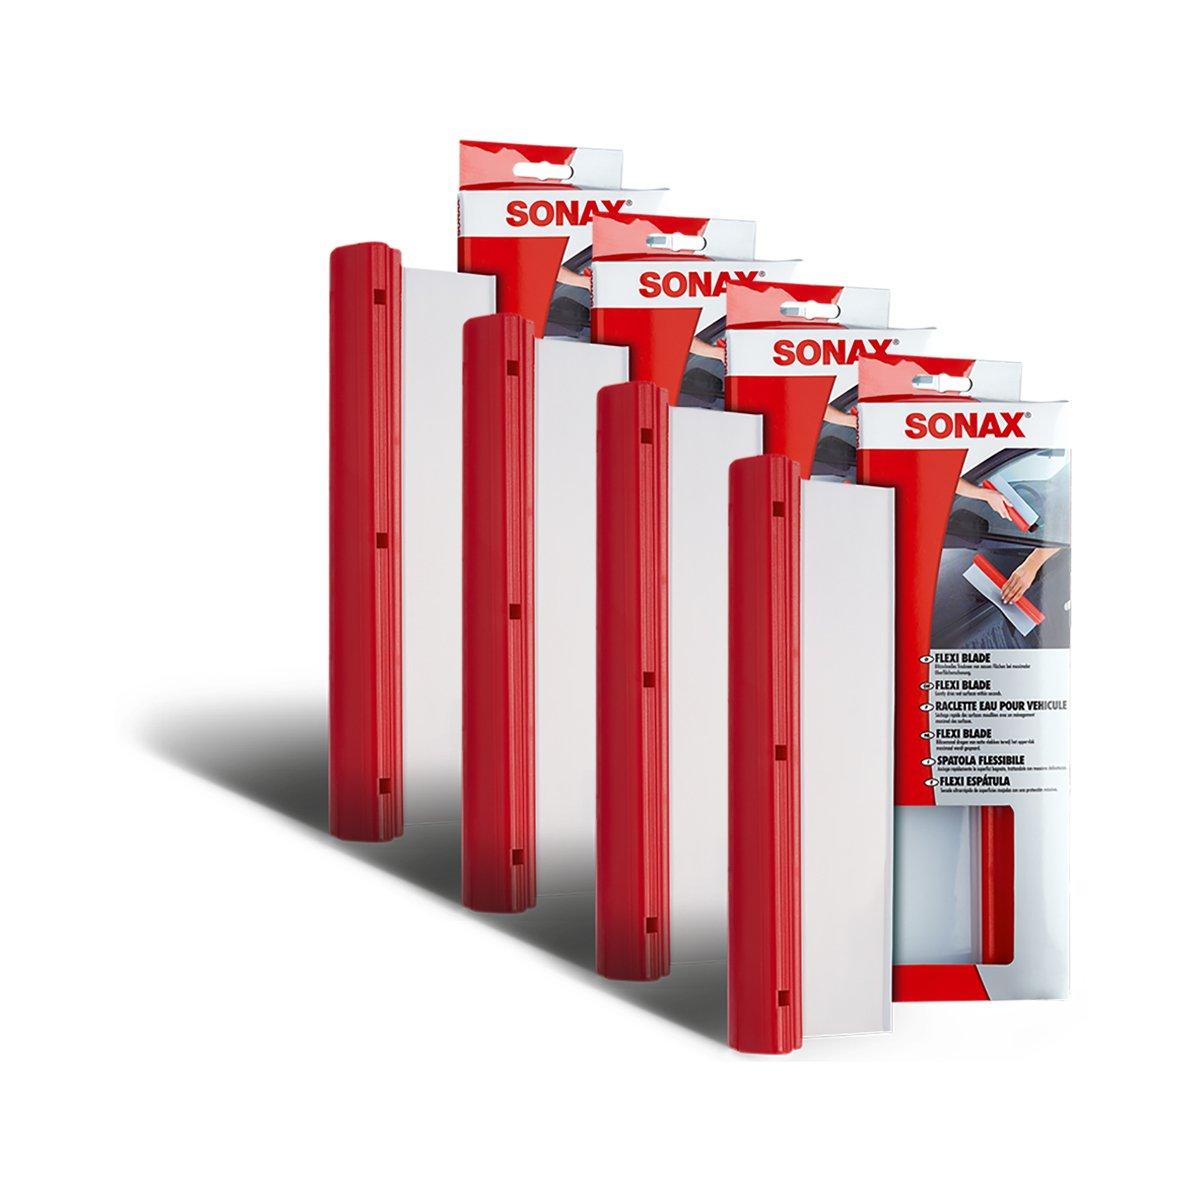 SONAX 4X 04174000 FlexiBlade Wischer Wasser Abzieher Silikon 1 Stü ck